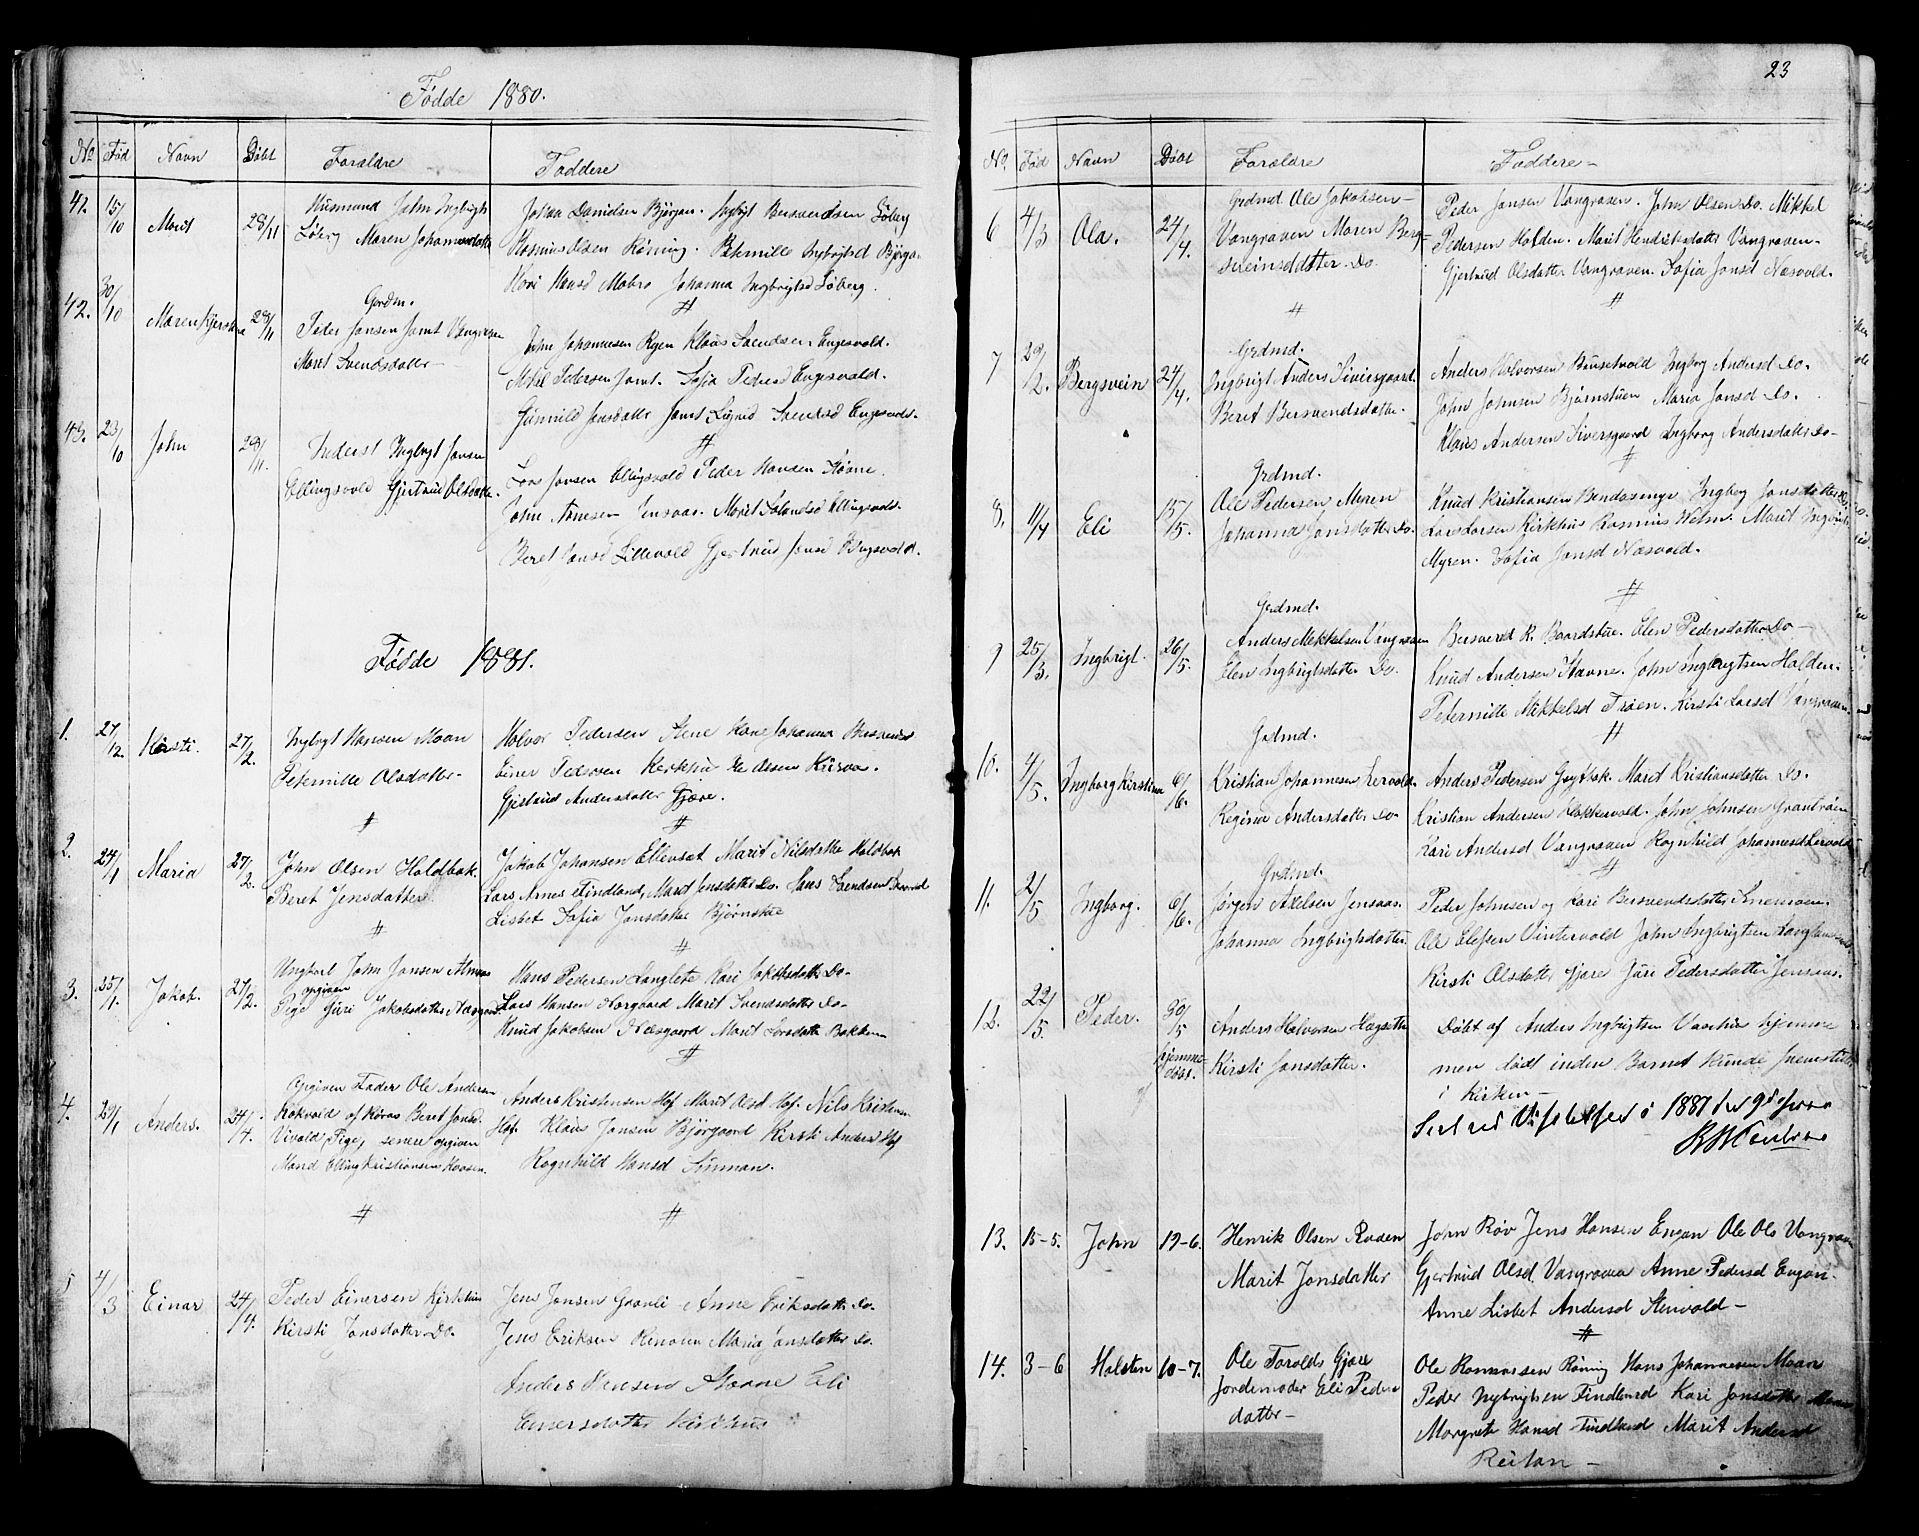 SAT, Ministerialprotokoller, klokkerbøker og fødselsregistre - Sør-Trøndelag, 686/L0985: Klokkerbok nr. 686C01, 1871-1933, s. 23